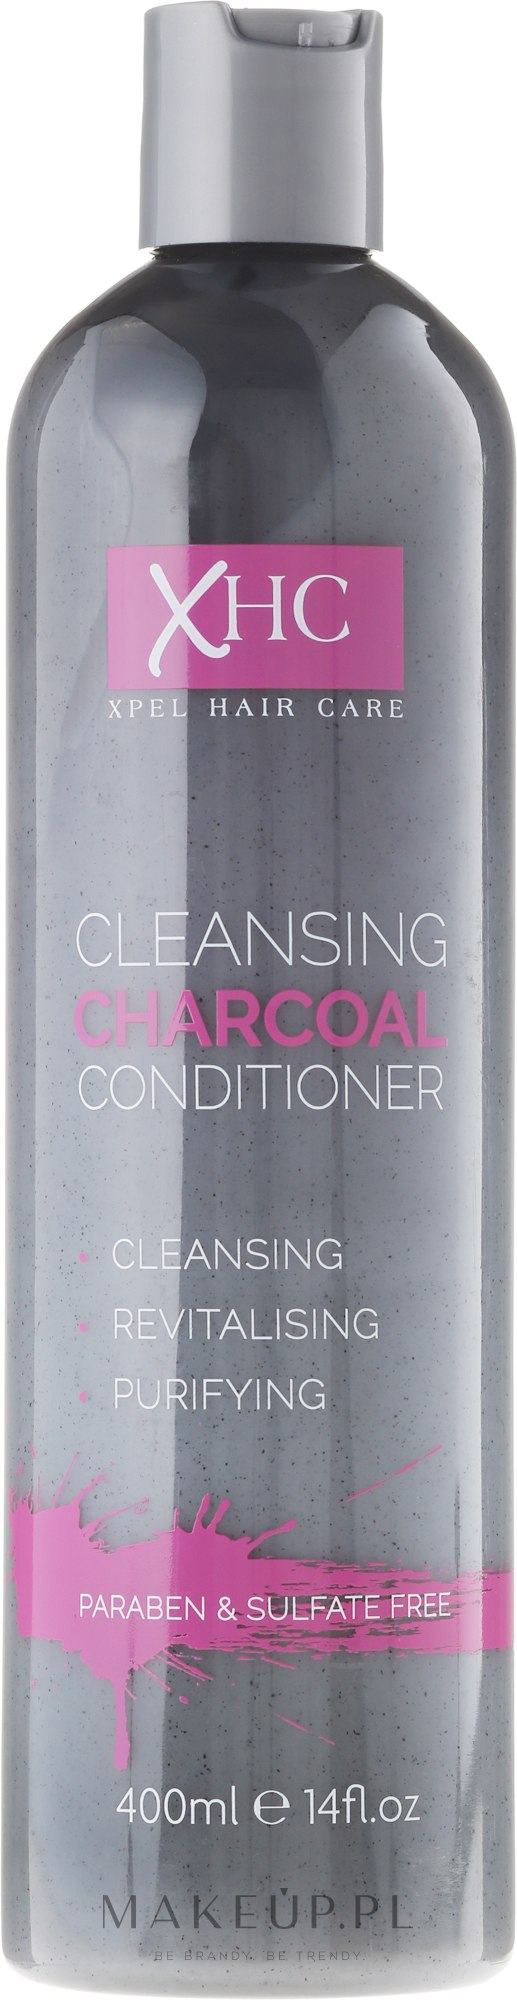 Oczyszczająca odżywka do włosów - Xpel Marketing Ltd Xpel Hair Care Cleansing Revitalising Purifying Charcoal Conditioner — фото 400 ml